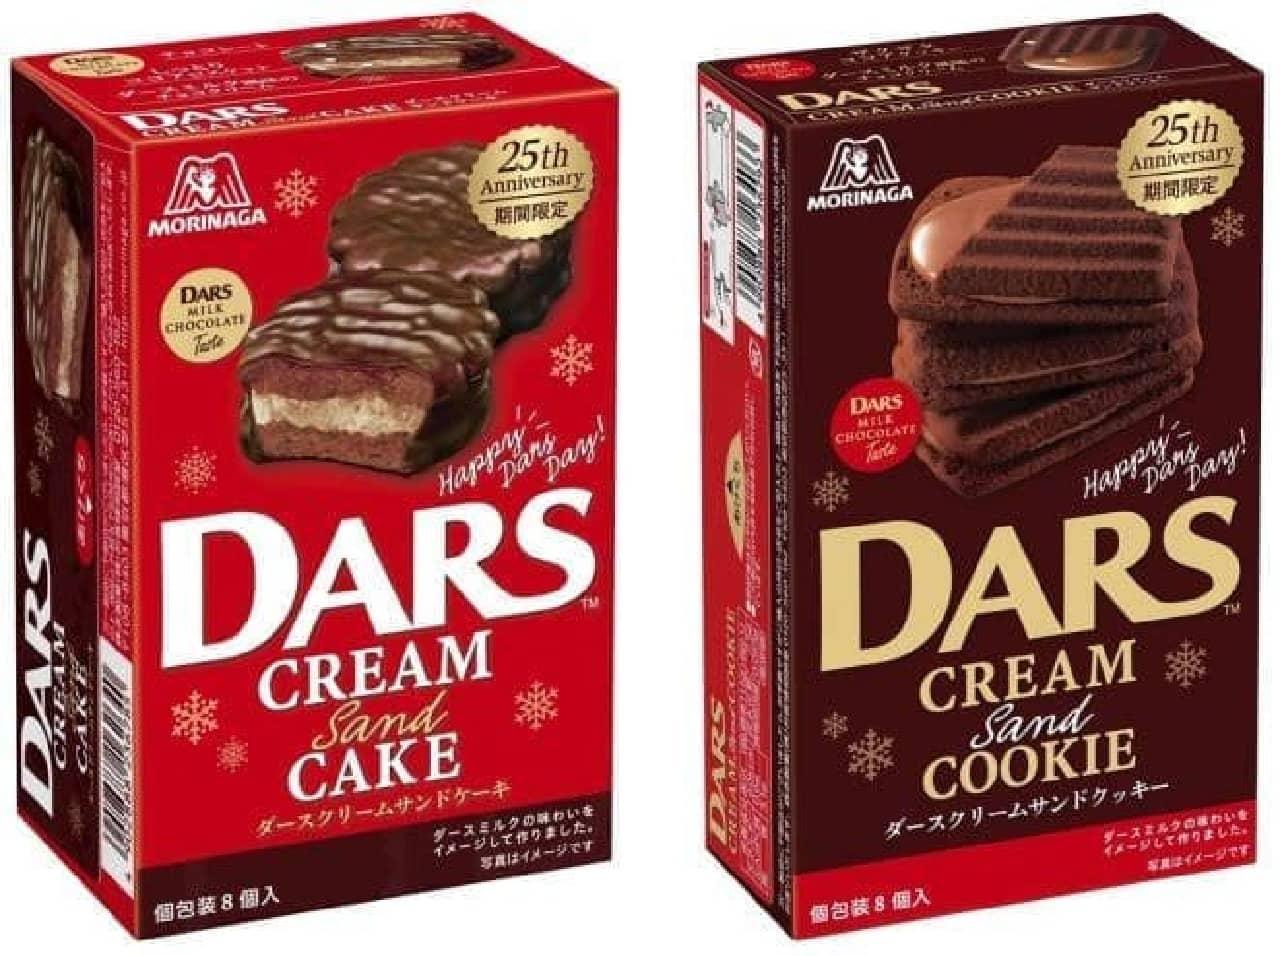 森永製菓「ダースクリームサンドケーキ」「ダースクリームサンドクッキー」